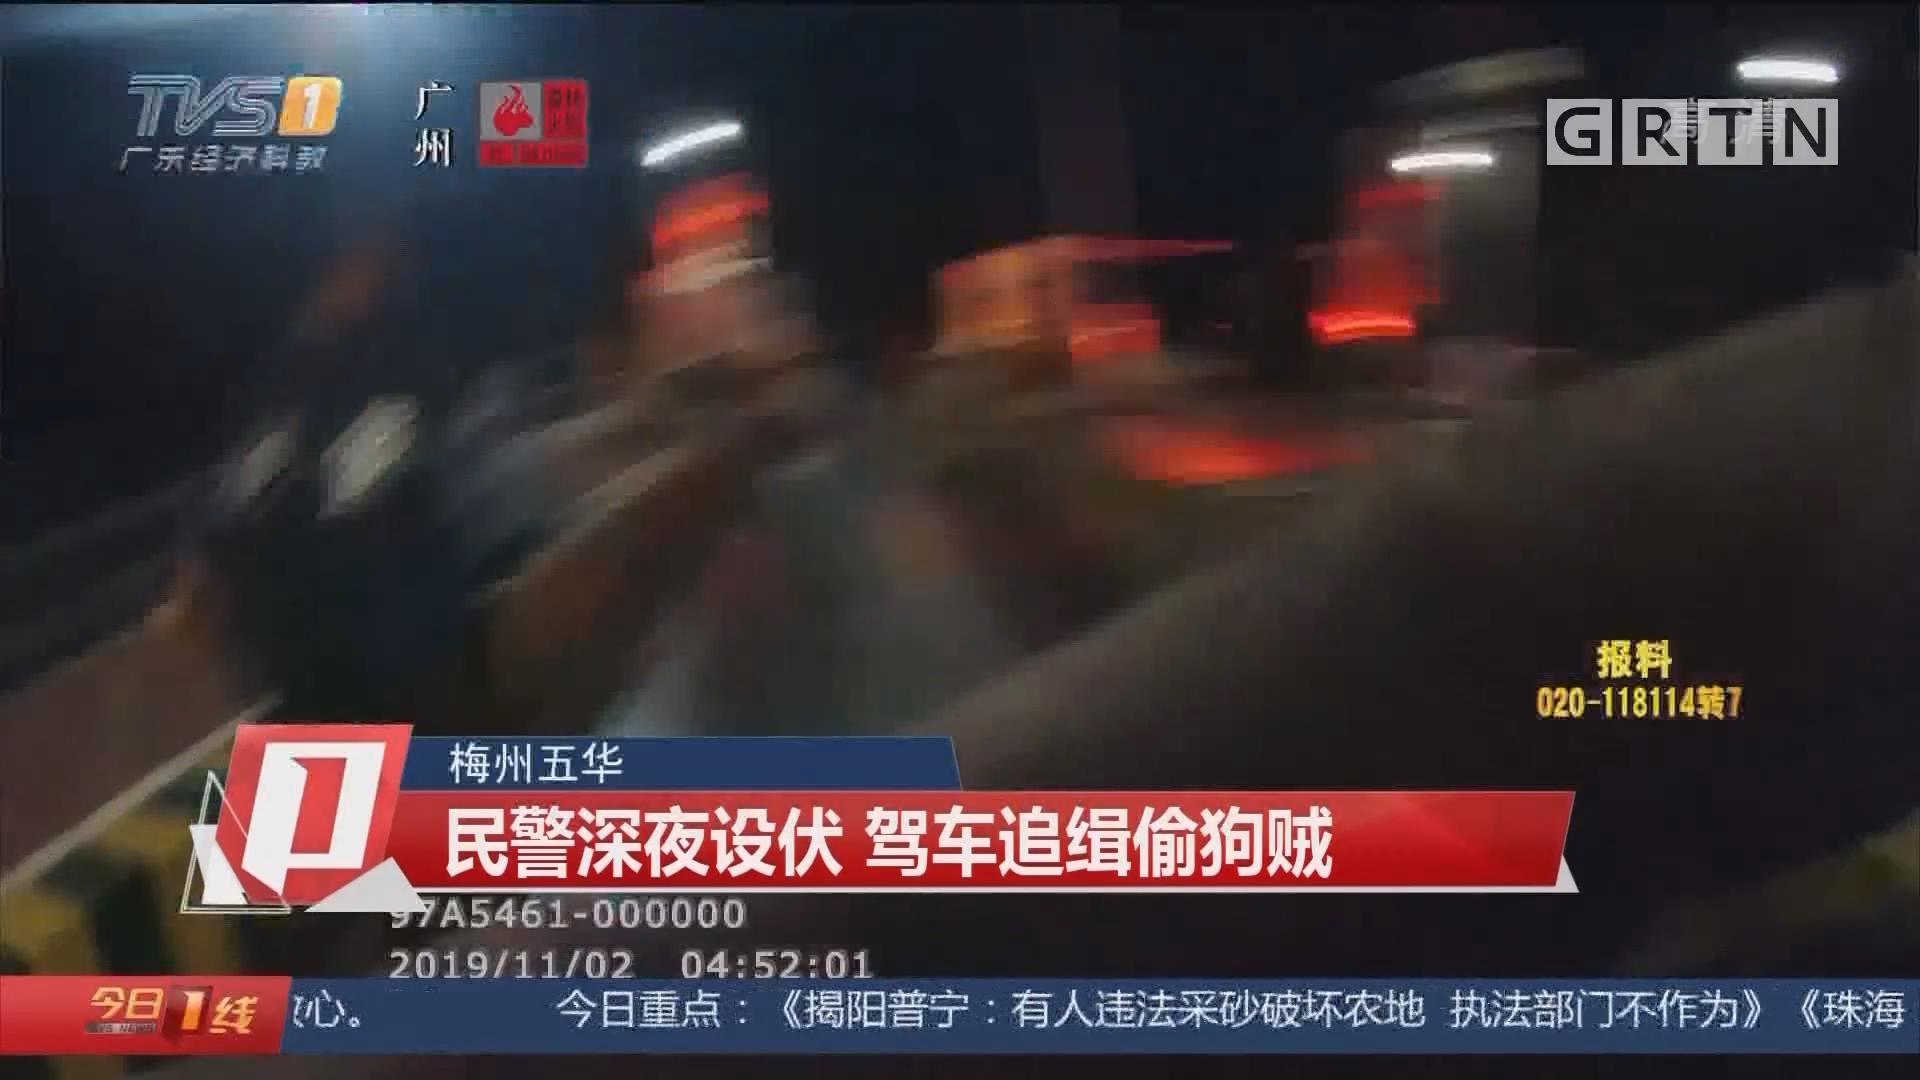 梅州五华:民警深夜设伏 驾车追缉偷狗贼